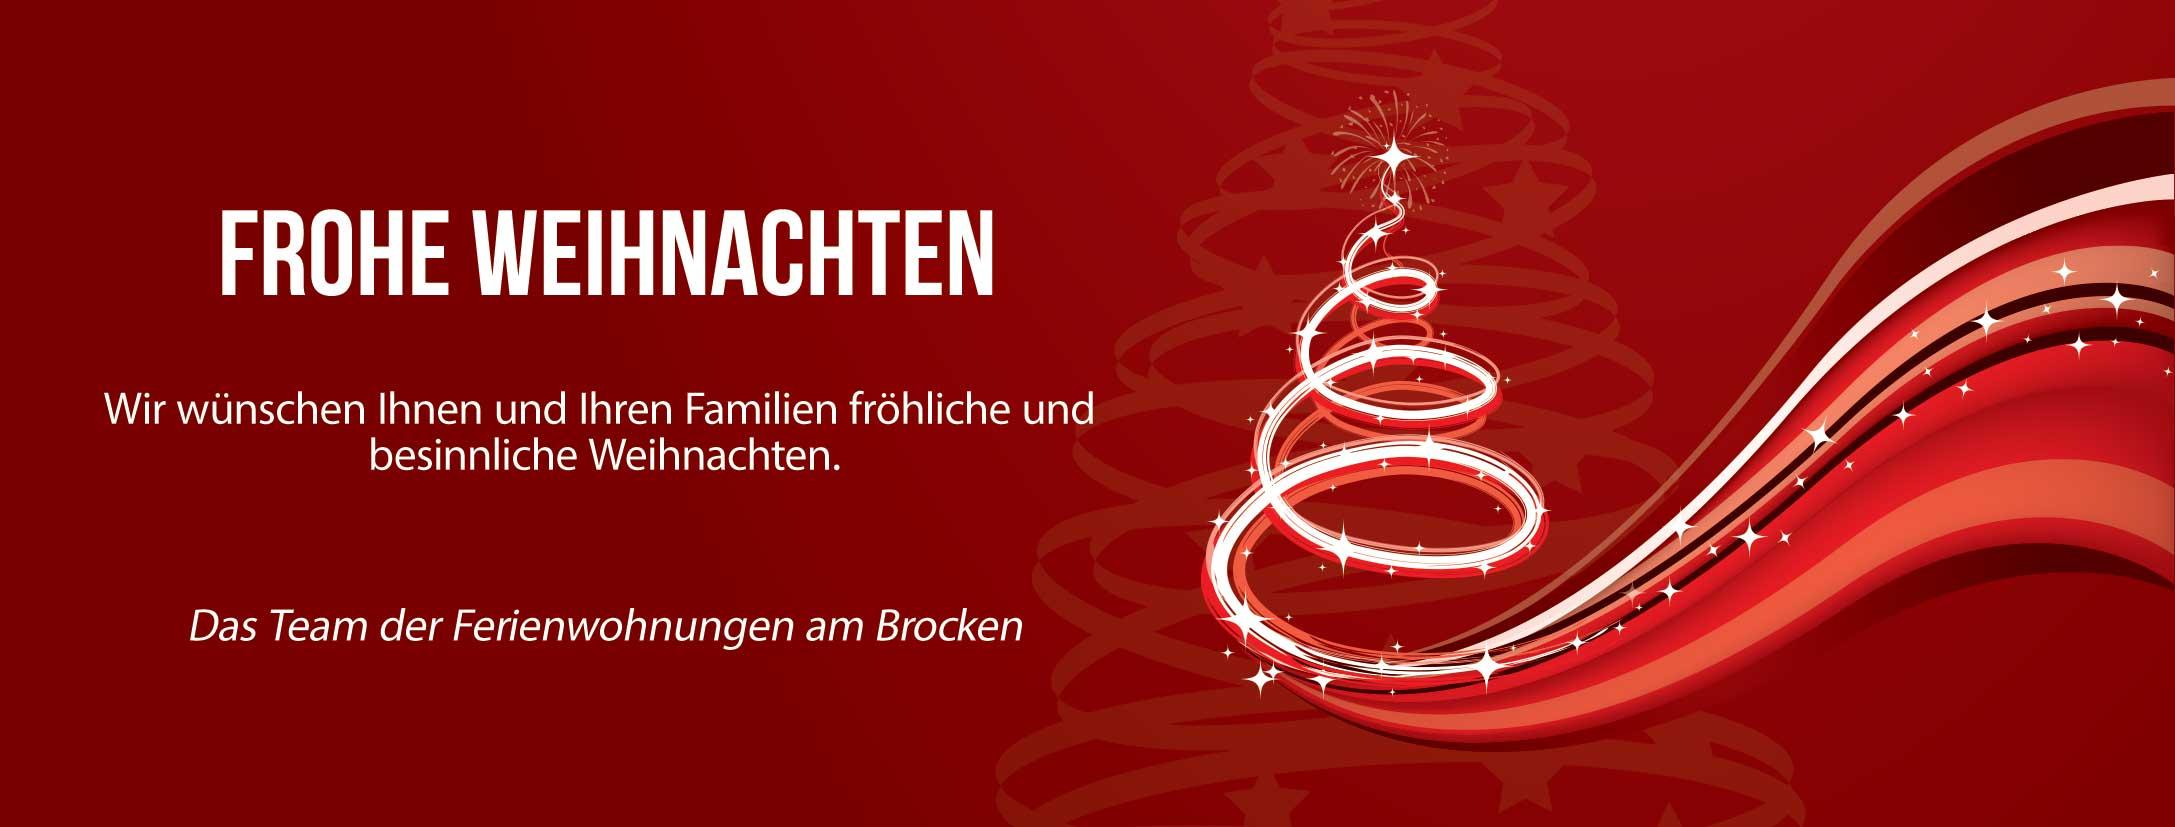 Wir Wünschen Euch Frohe Und Besinnliche Weihnachten.Frohe Weihnachten Ferienwohnung Am Brocken